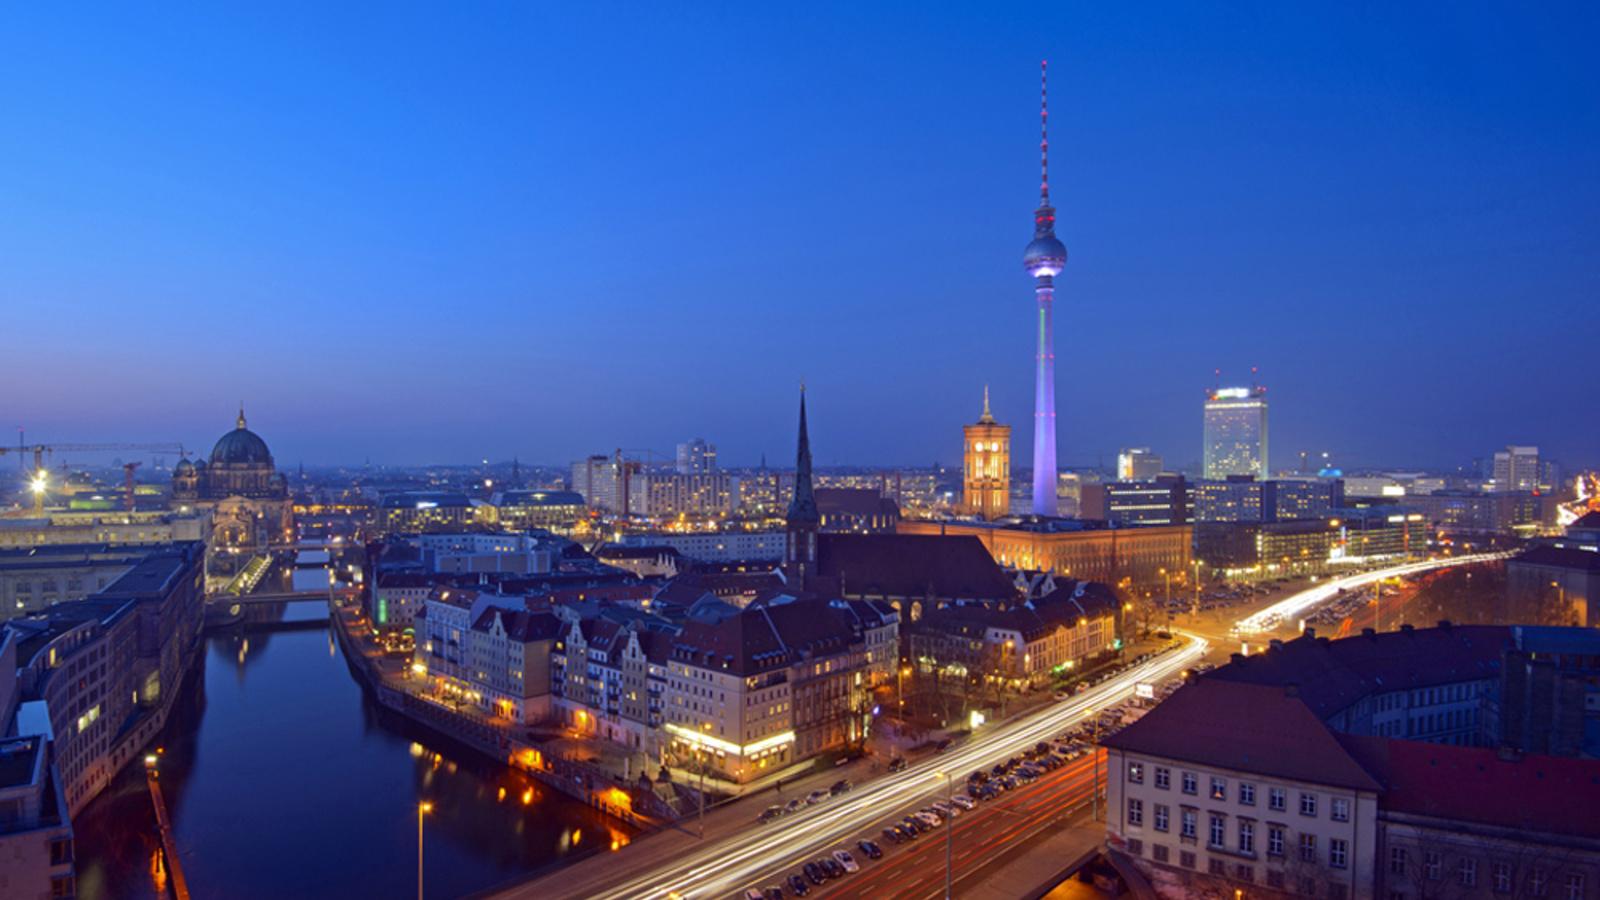 deutschland-in-der-nacht